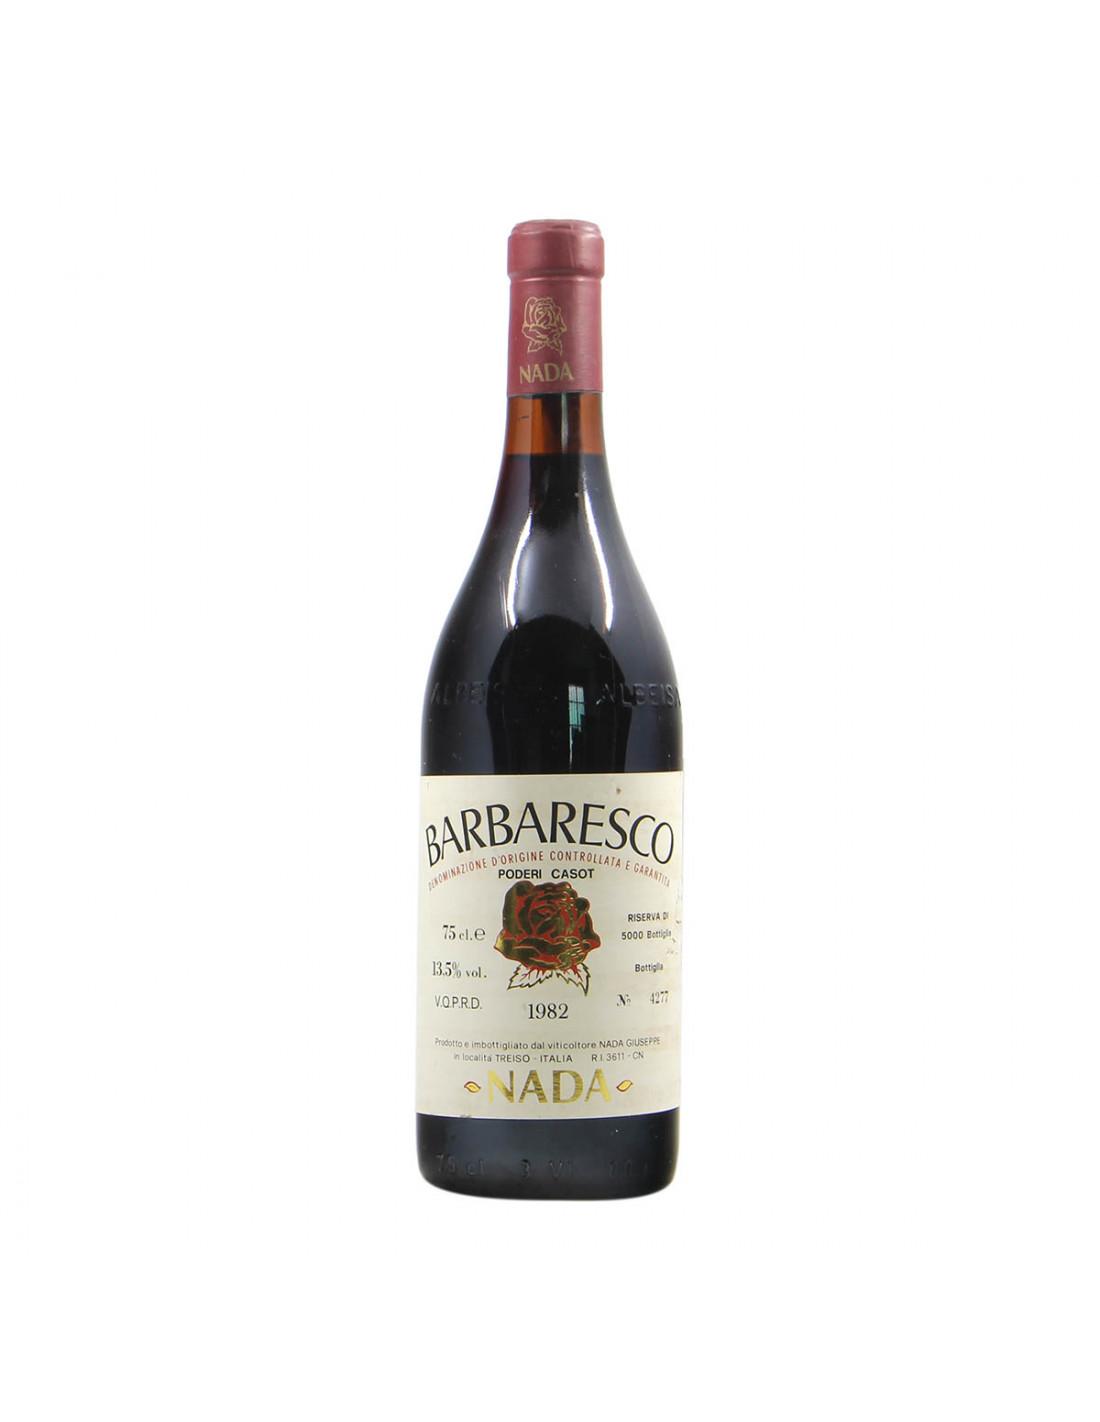 Nada Giuseppe Barbaresco Poderi Casot 1982 Grandi Bottiglie